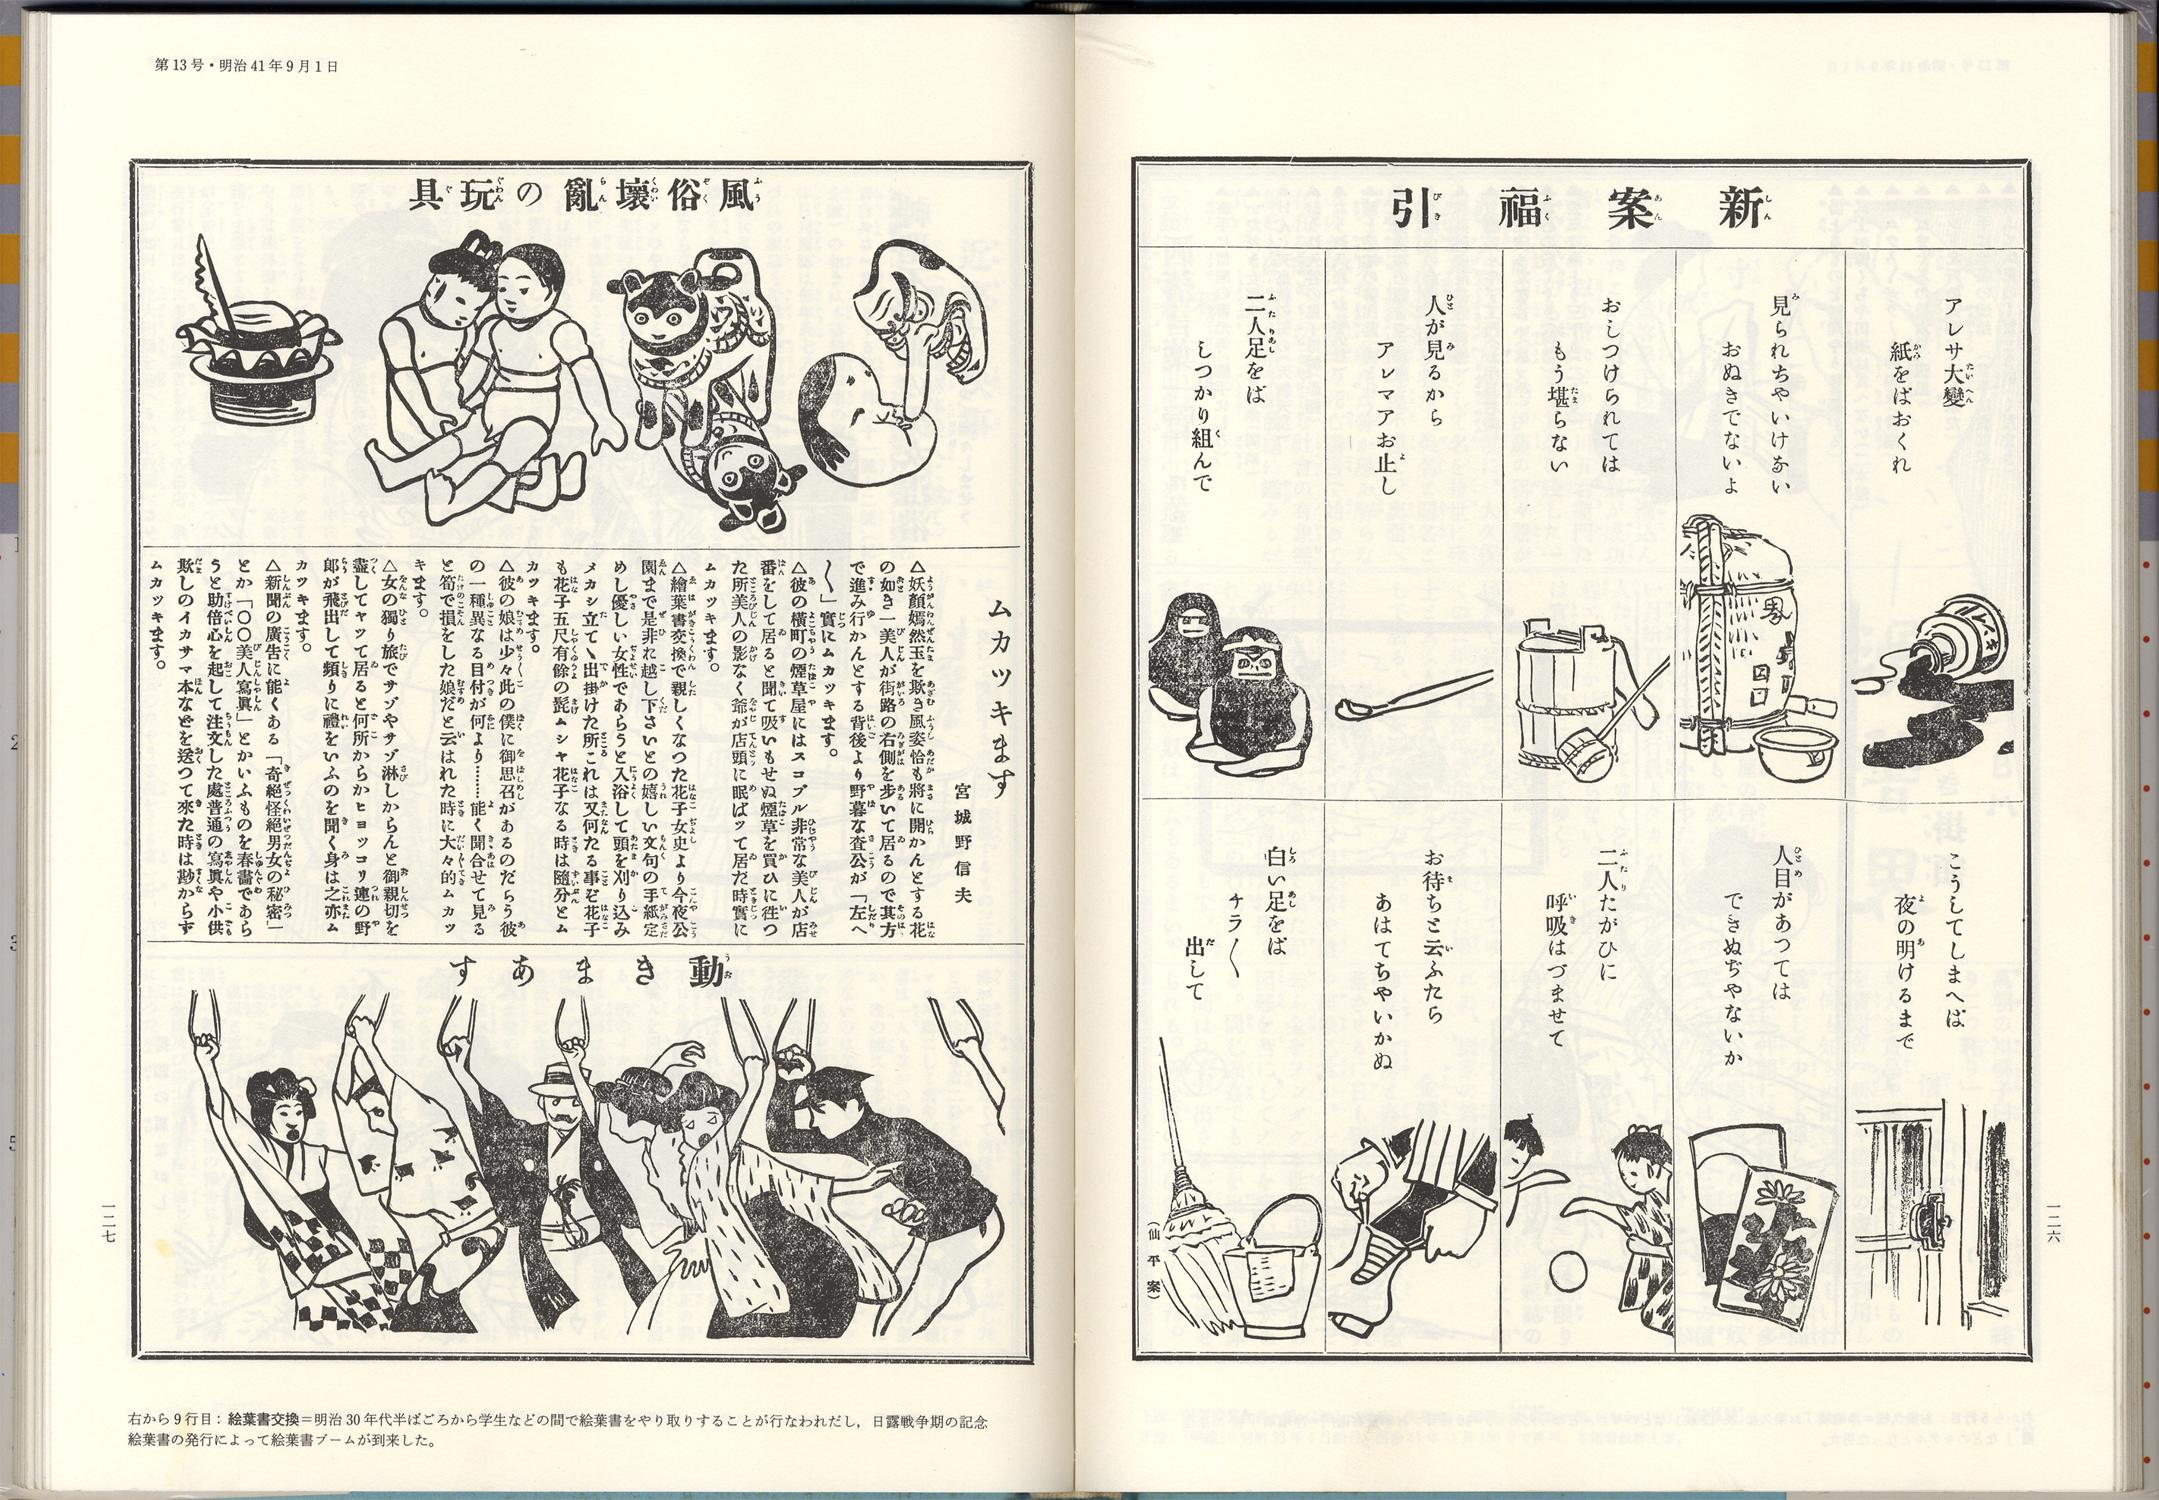 滑稽界 漫画雑誌博物館 4 明治時代編[image5]